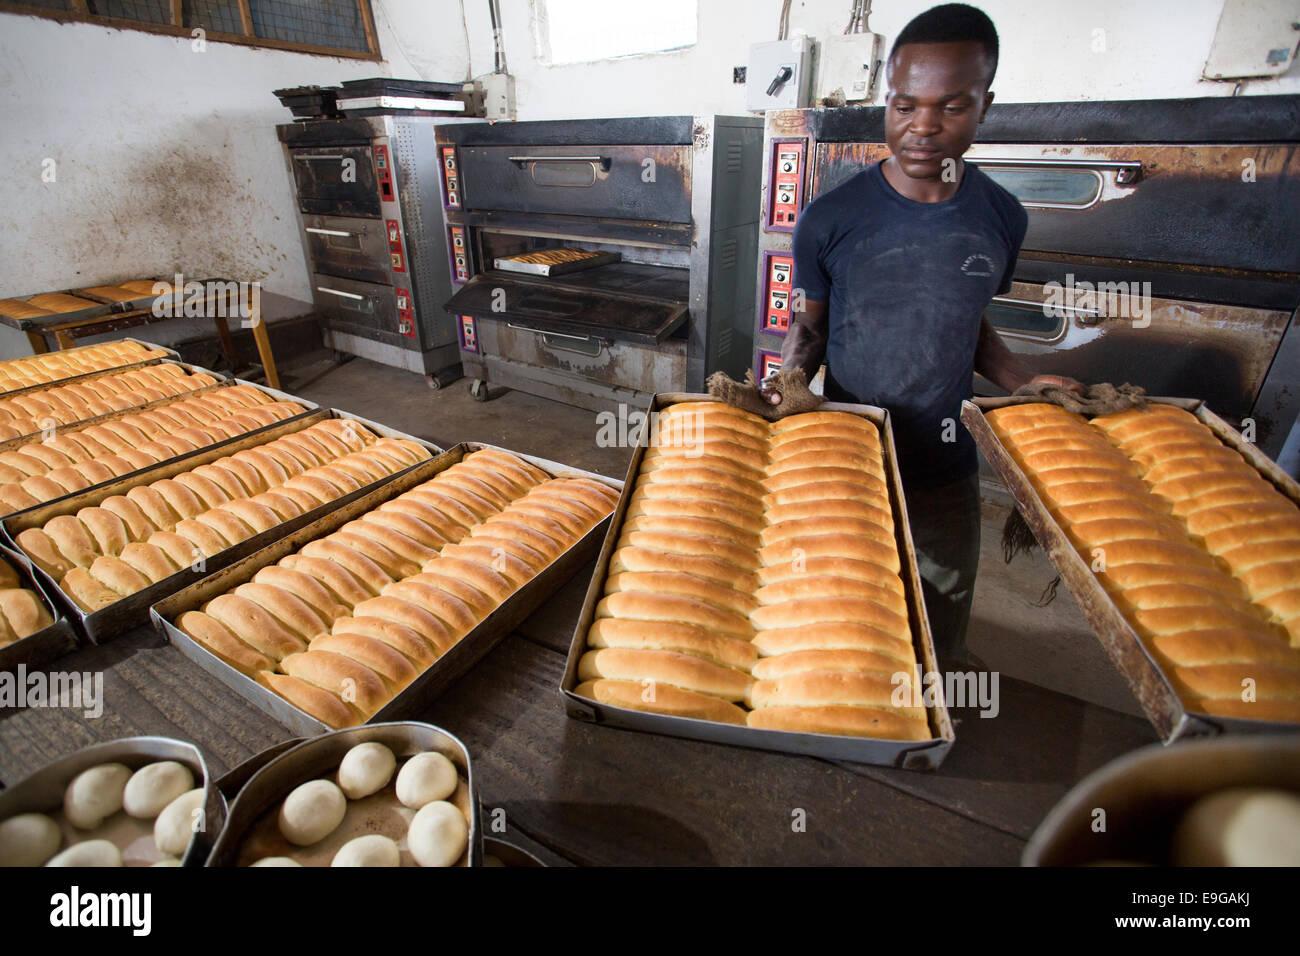 Boulangerie commerciale à Dar es Salaam, Tanzanie, Afrique de l'Est. Photo Stock